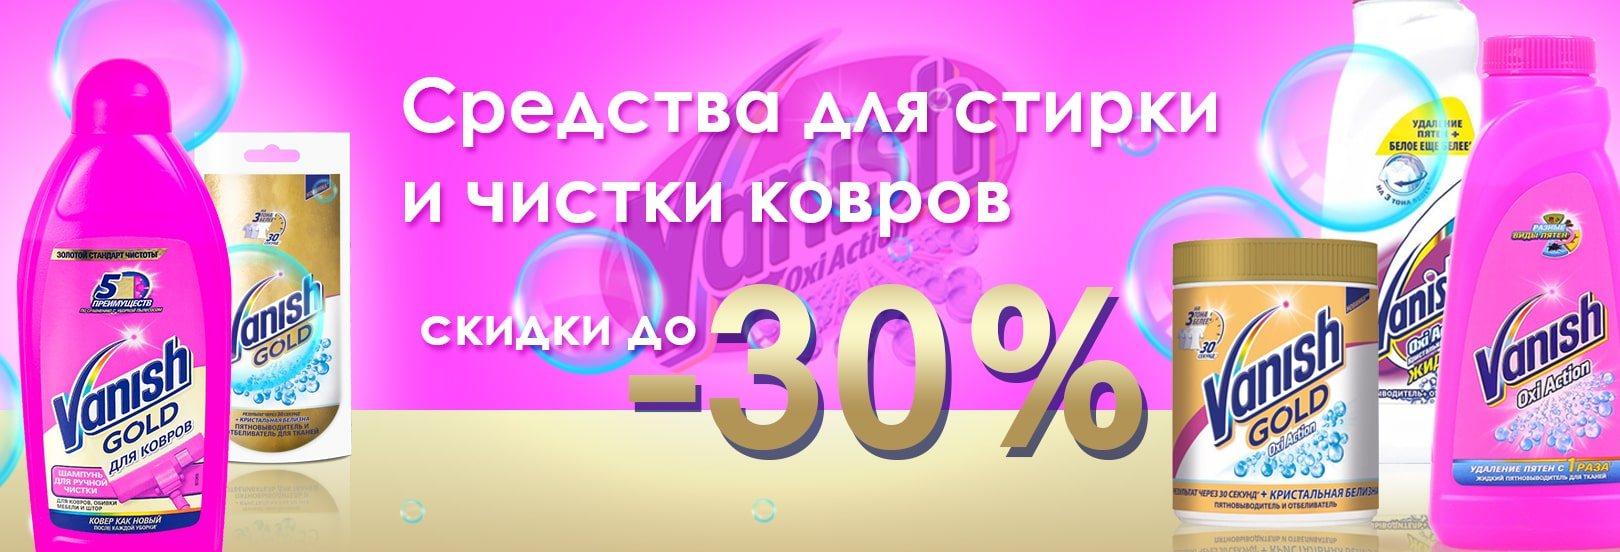 vanish - 30%